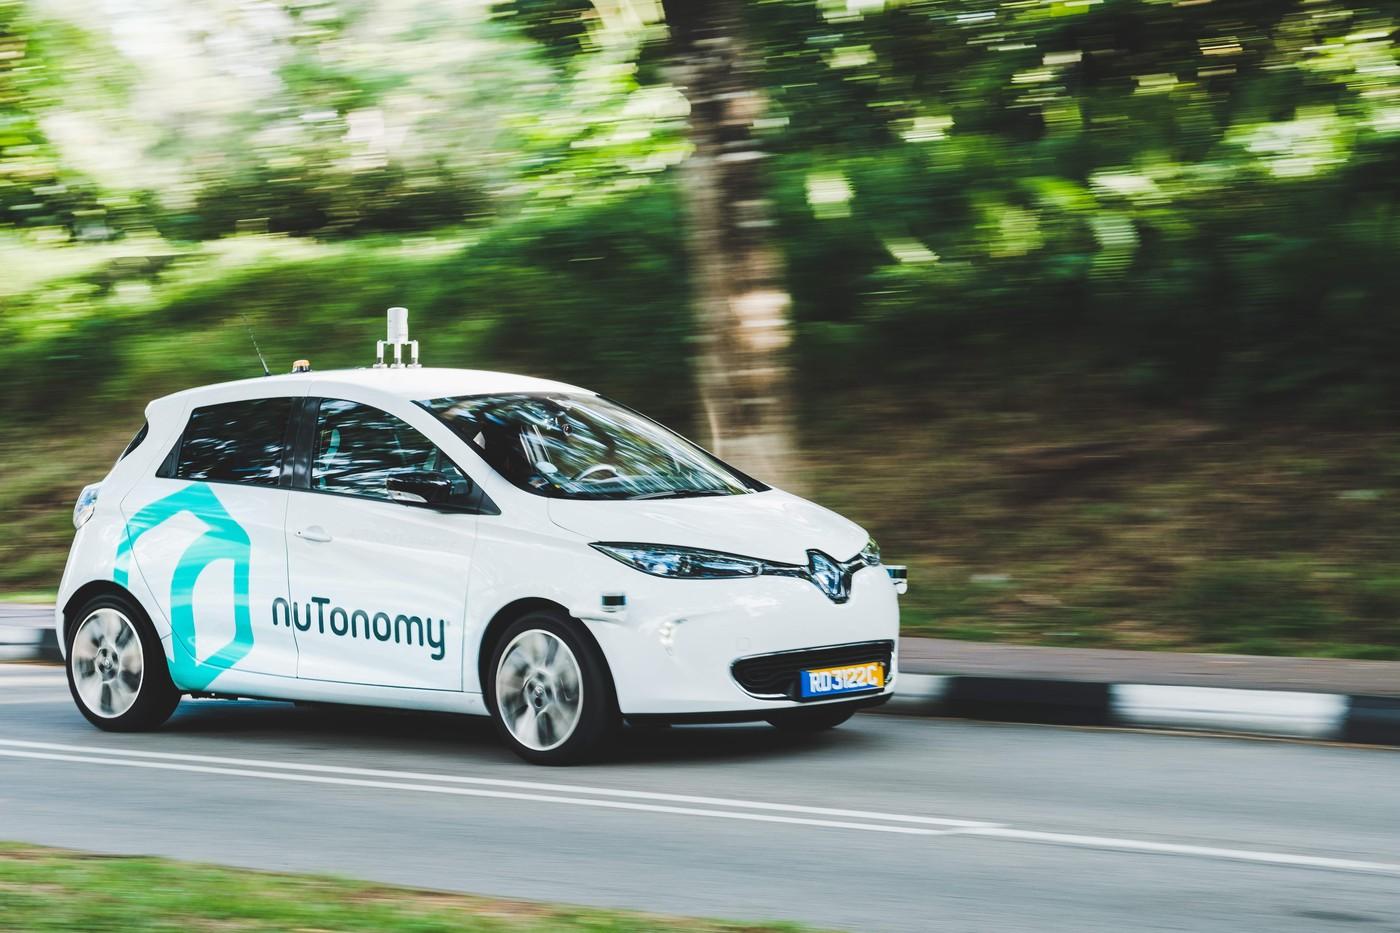 繼新加坡之後,無人車新創nuTonomy將在交通狀況糟糕的波士頓進行測試